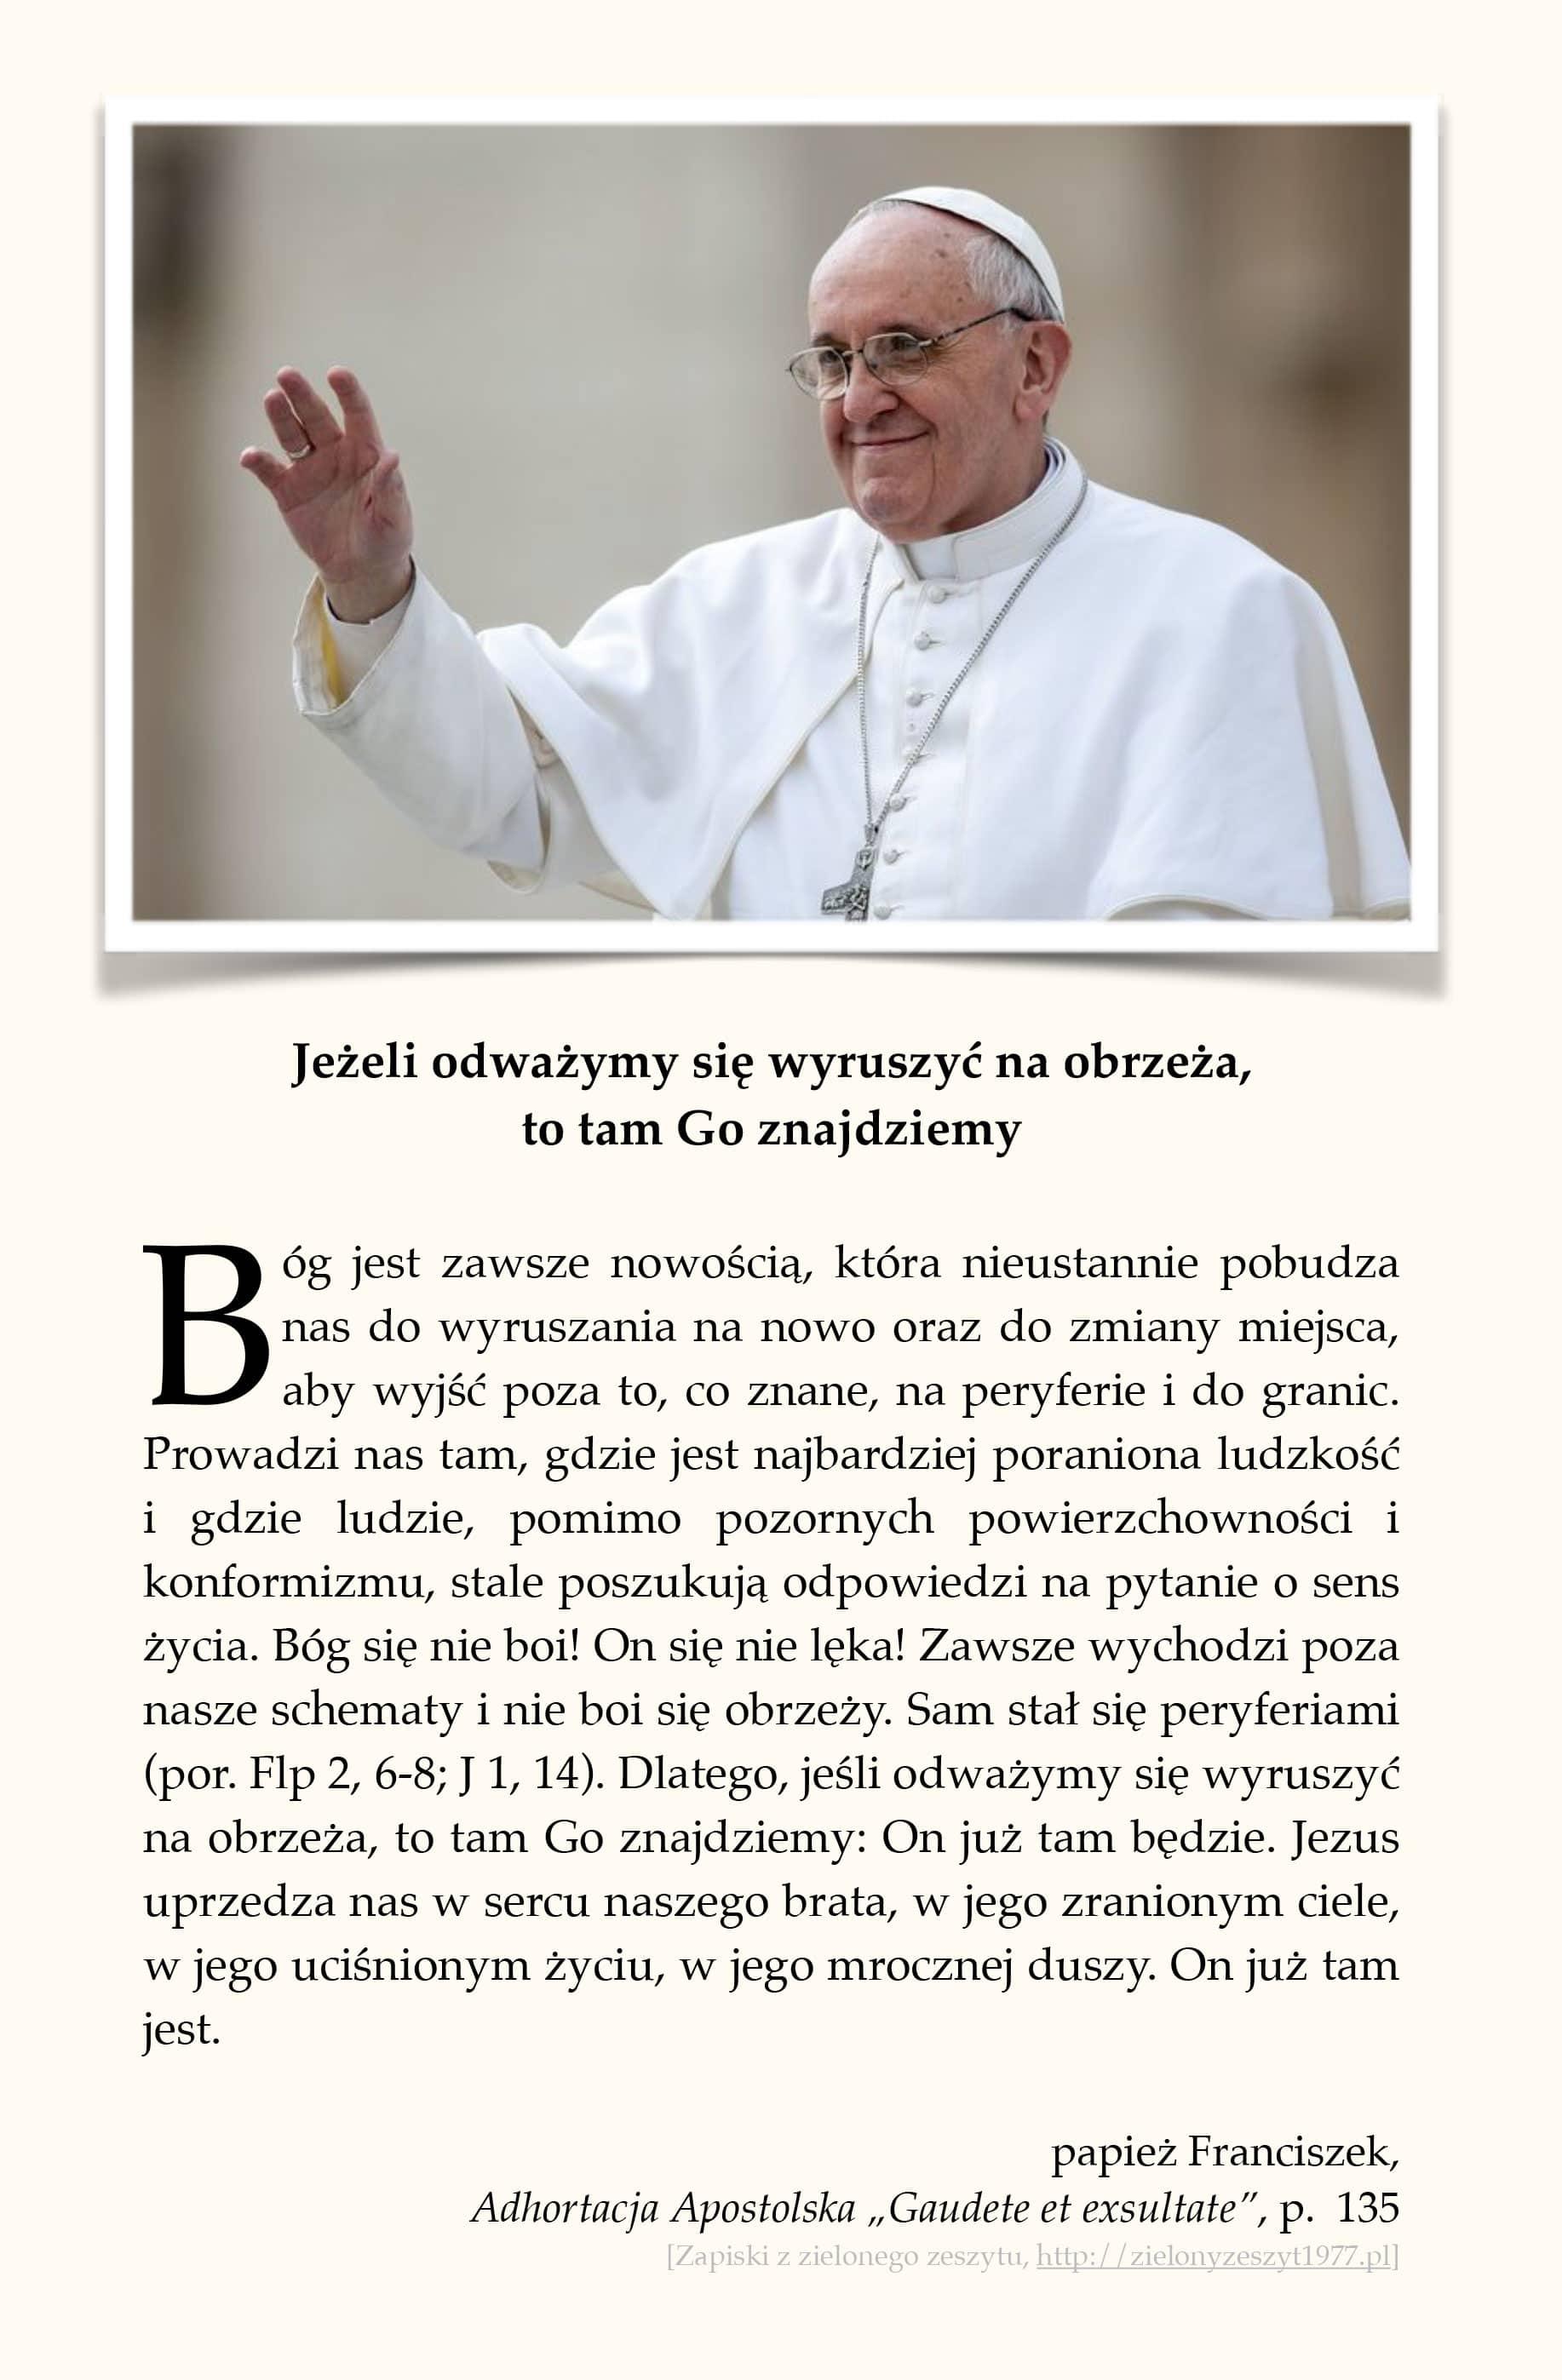 """papież Franciszek, Adhortacja Apostolska """"Gaudete et exsultate"""", p. 135 (Jeżeli odważymy się wyruszyć na obrzeża, to tam Go znajdziemy)"""